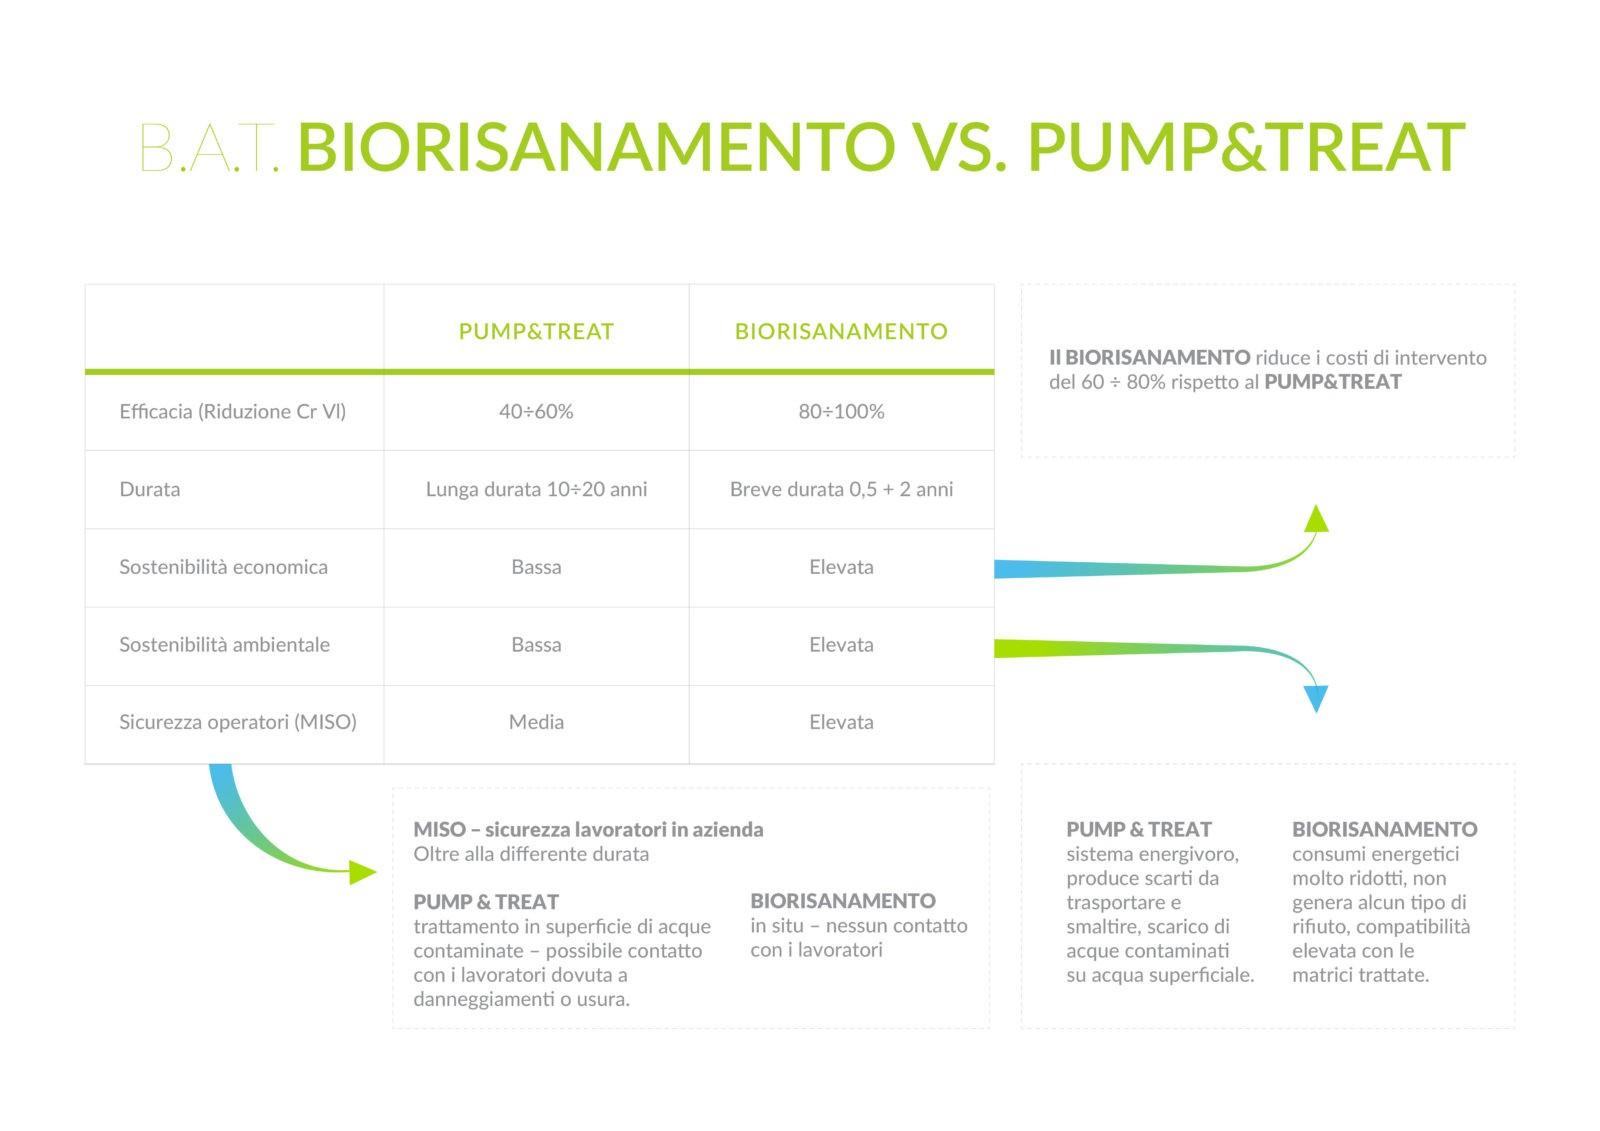 Confronto tra biorisanamento e Pump & Treat